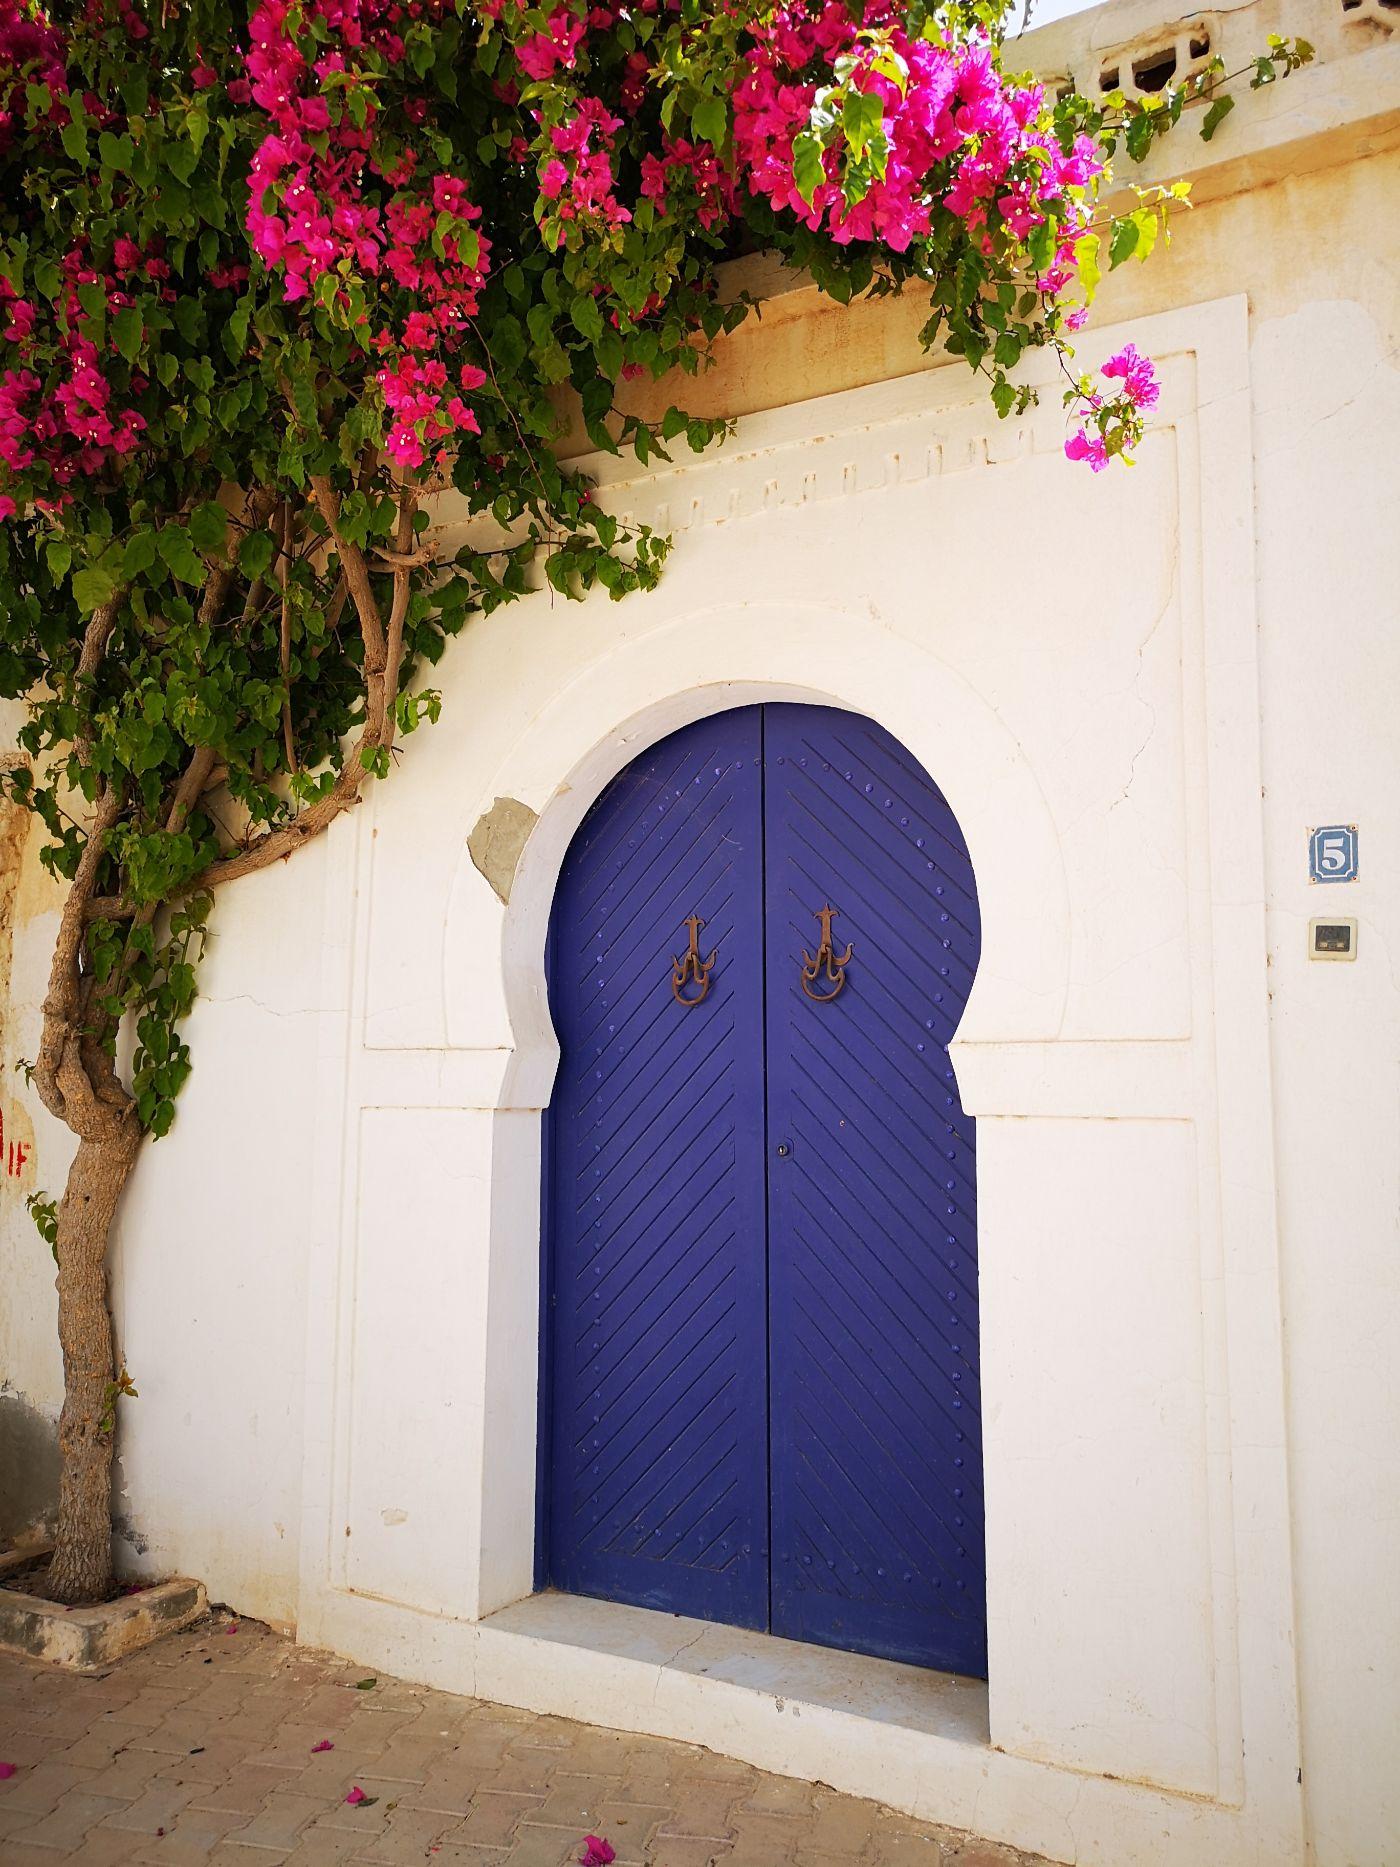 Djerbahood drzwi djerba tunezja kwiaty krzewy